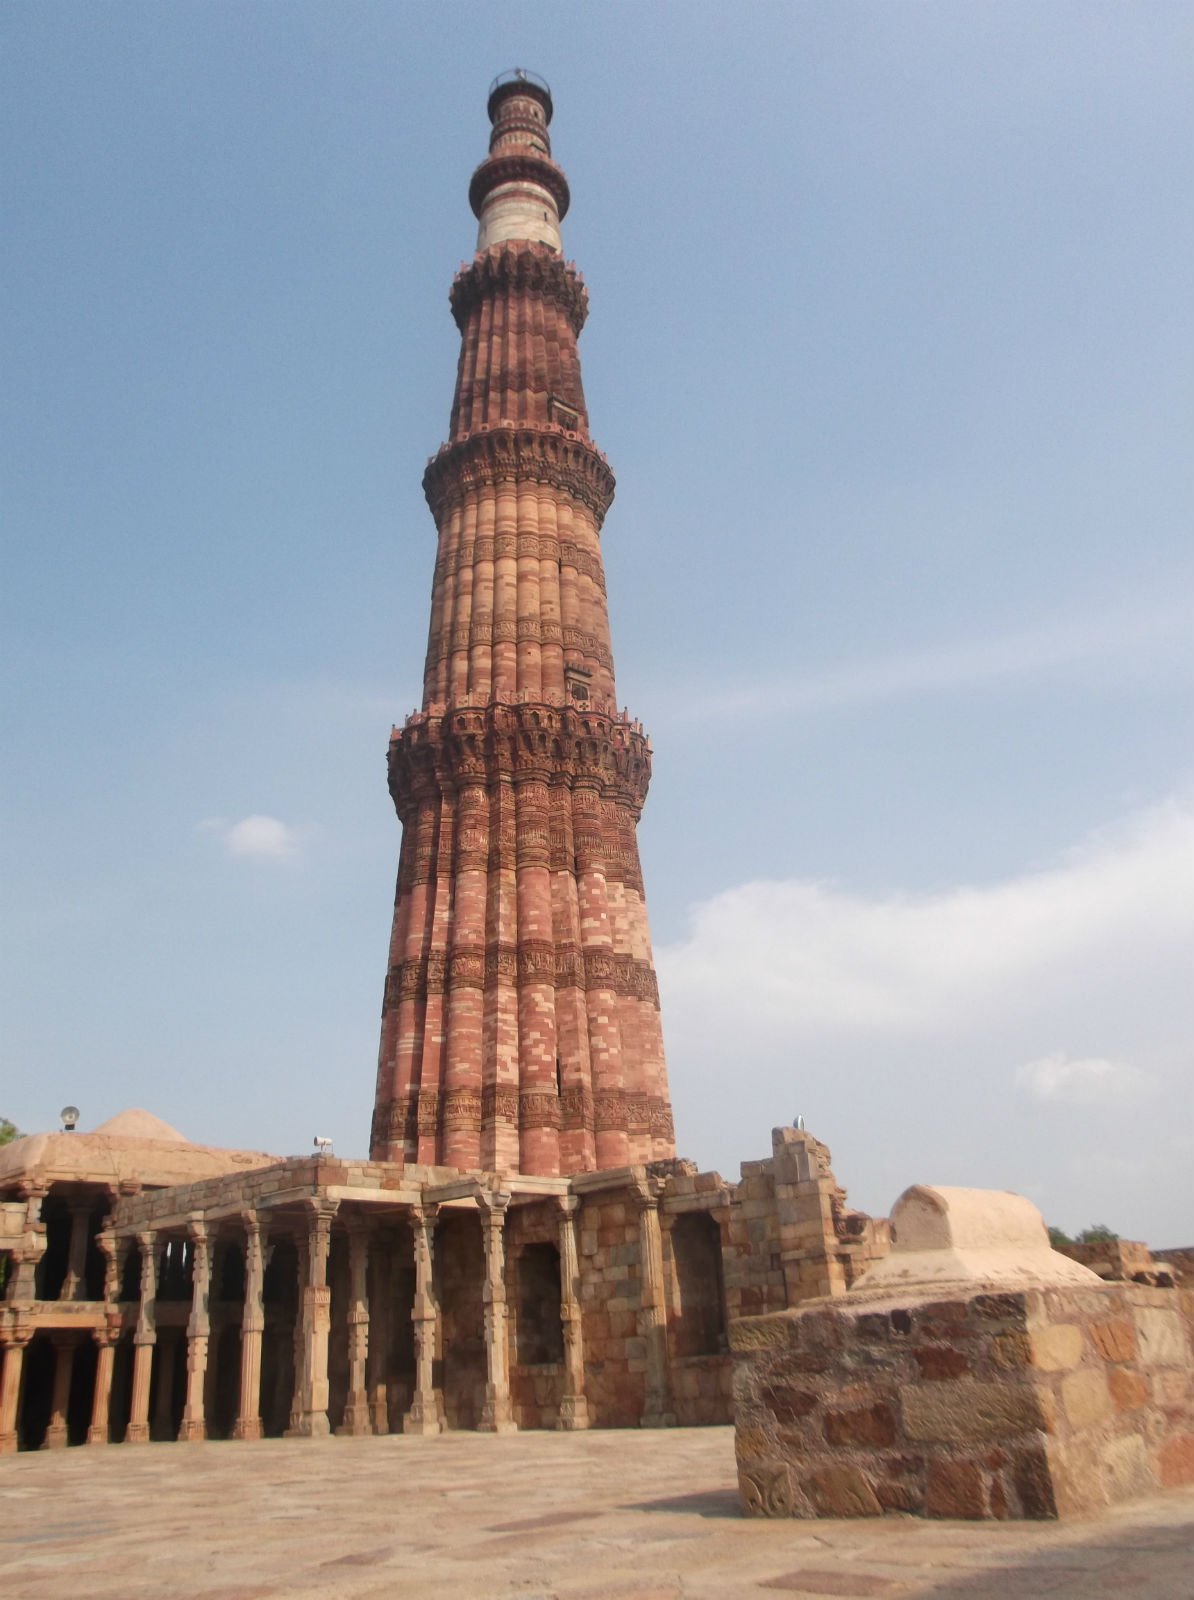 顾特卜塔也称库杜布塔位于印度德里